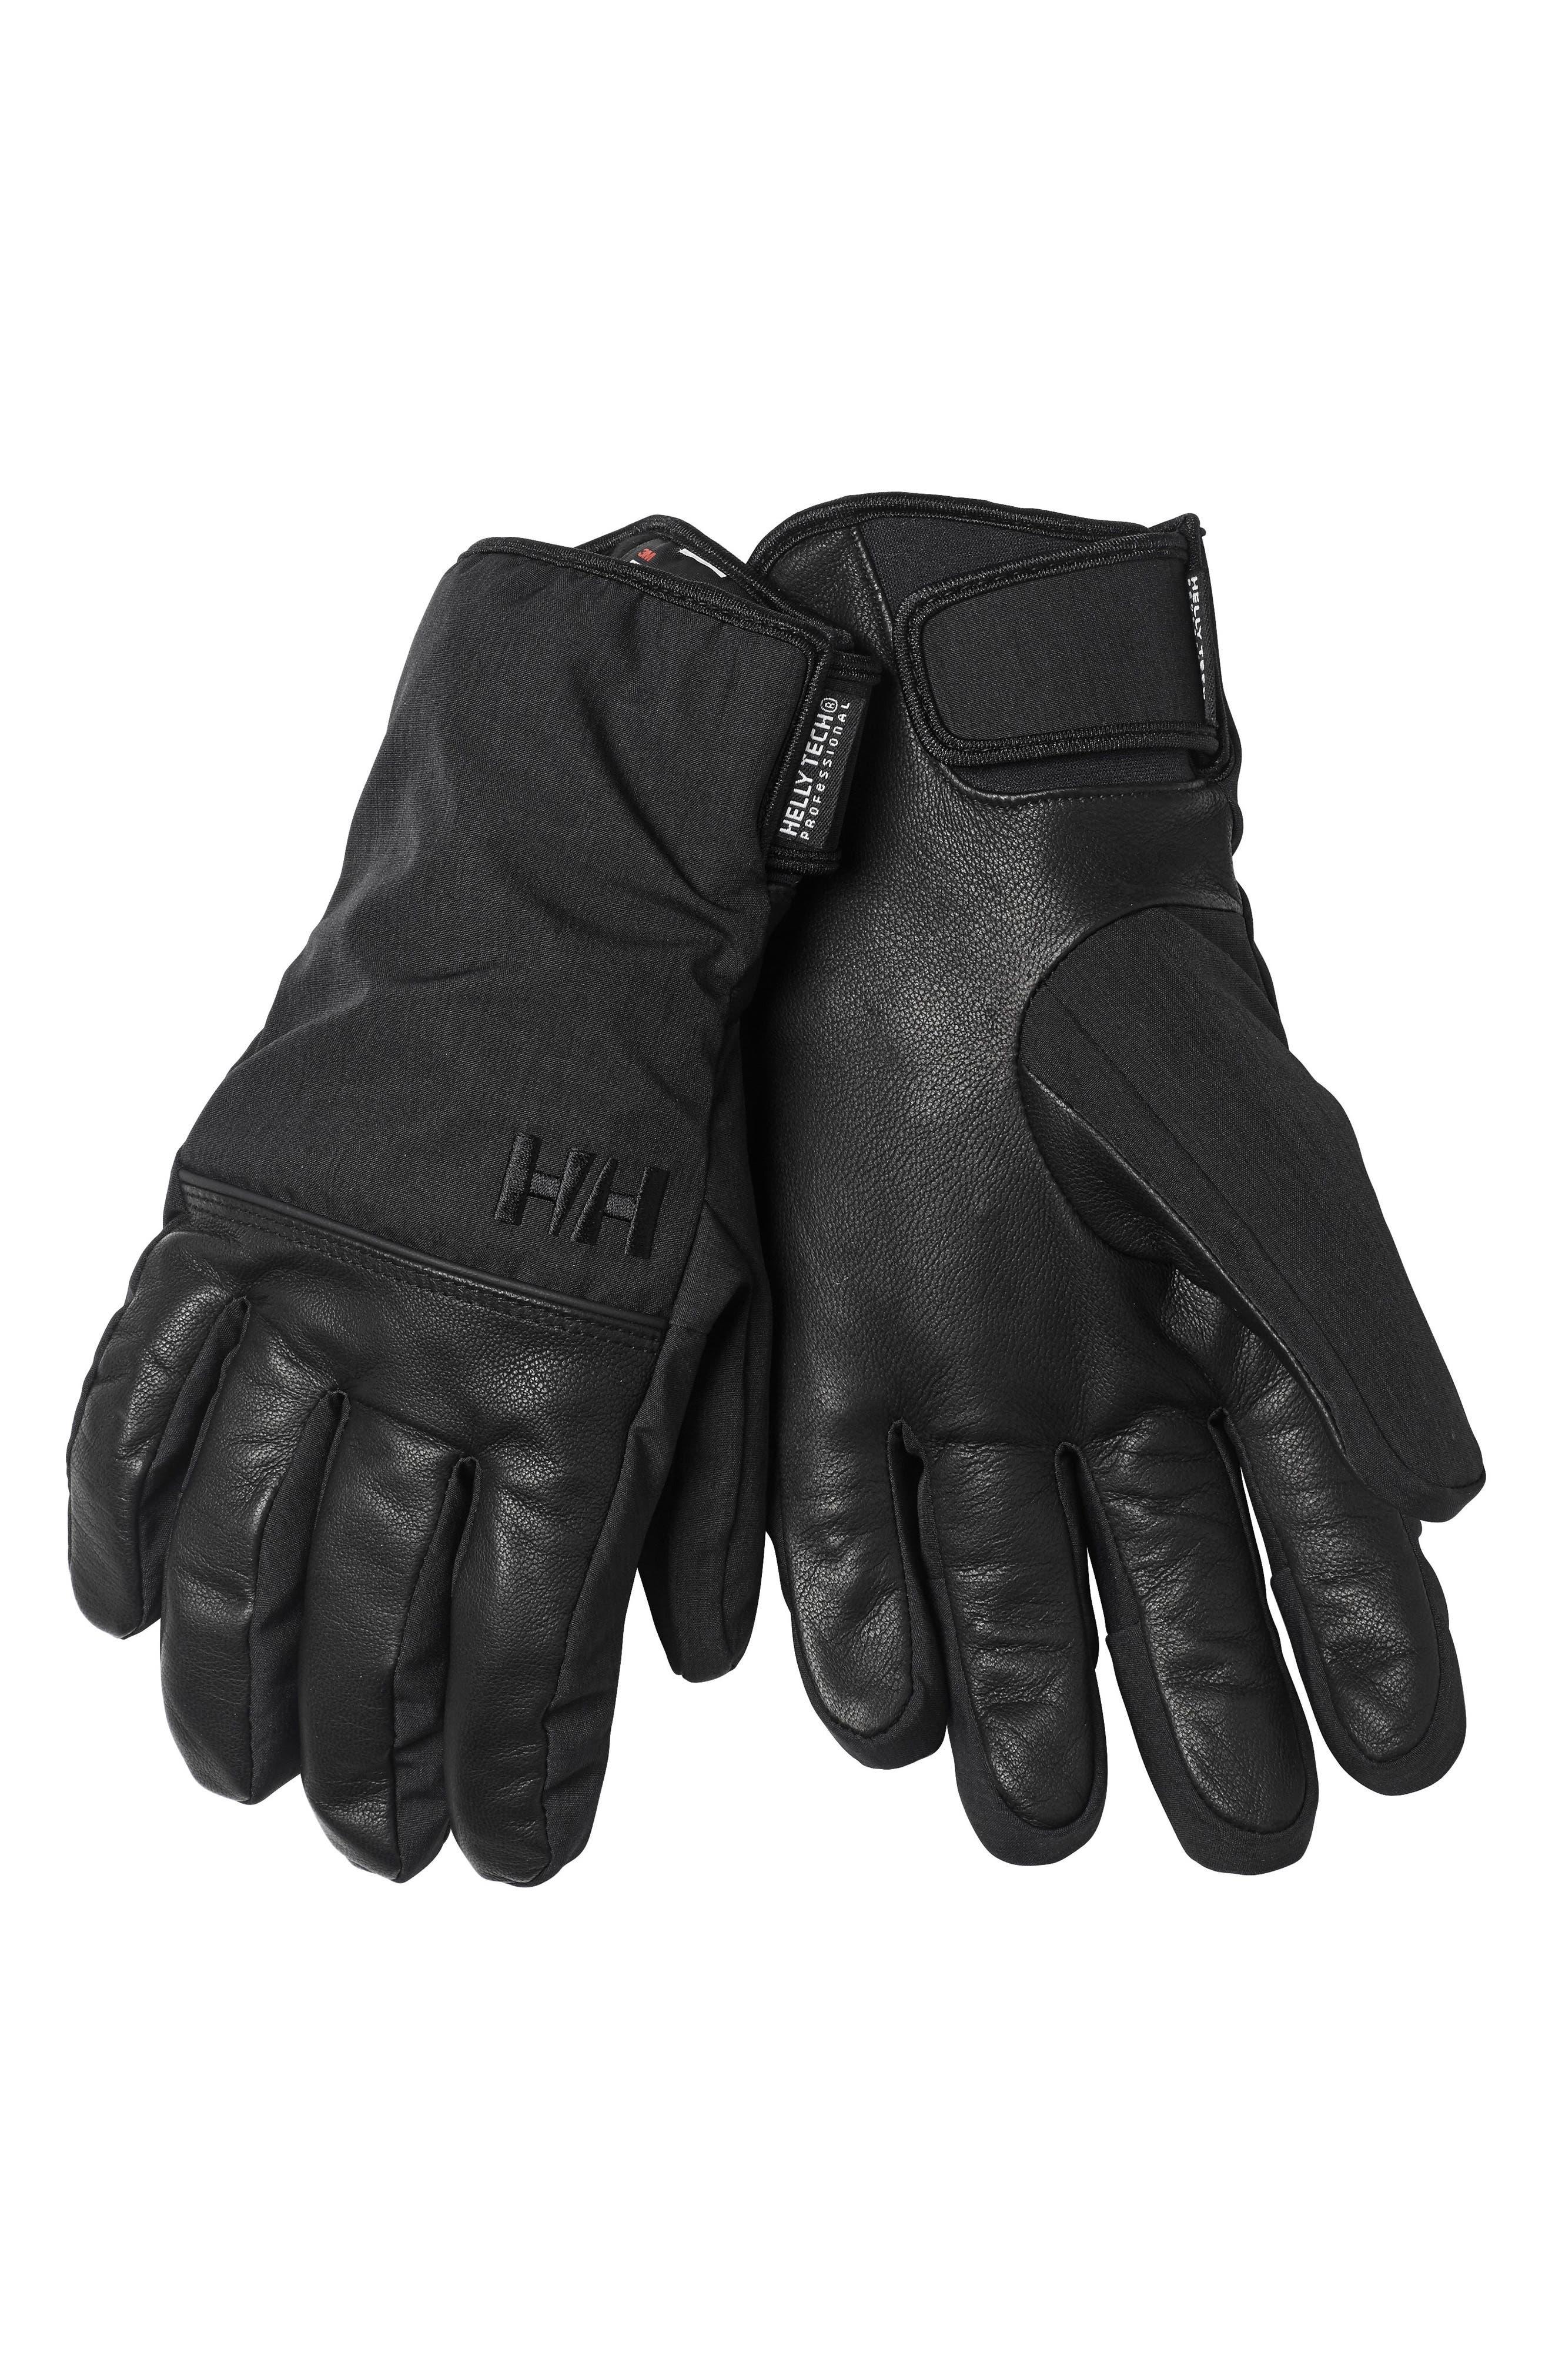 Rogue HT Gloves,                             Main thumbnail 1, color,                             009